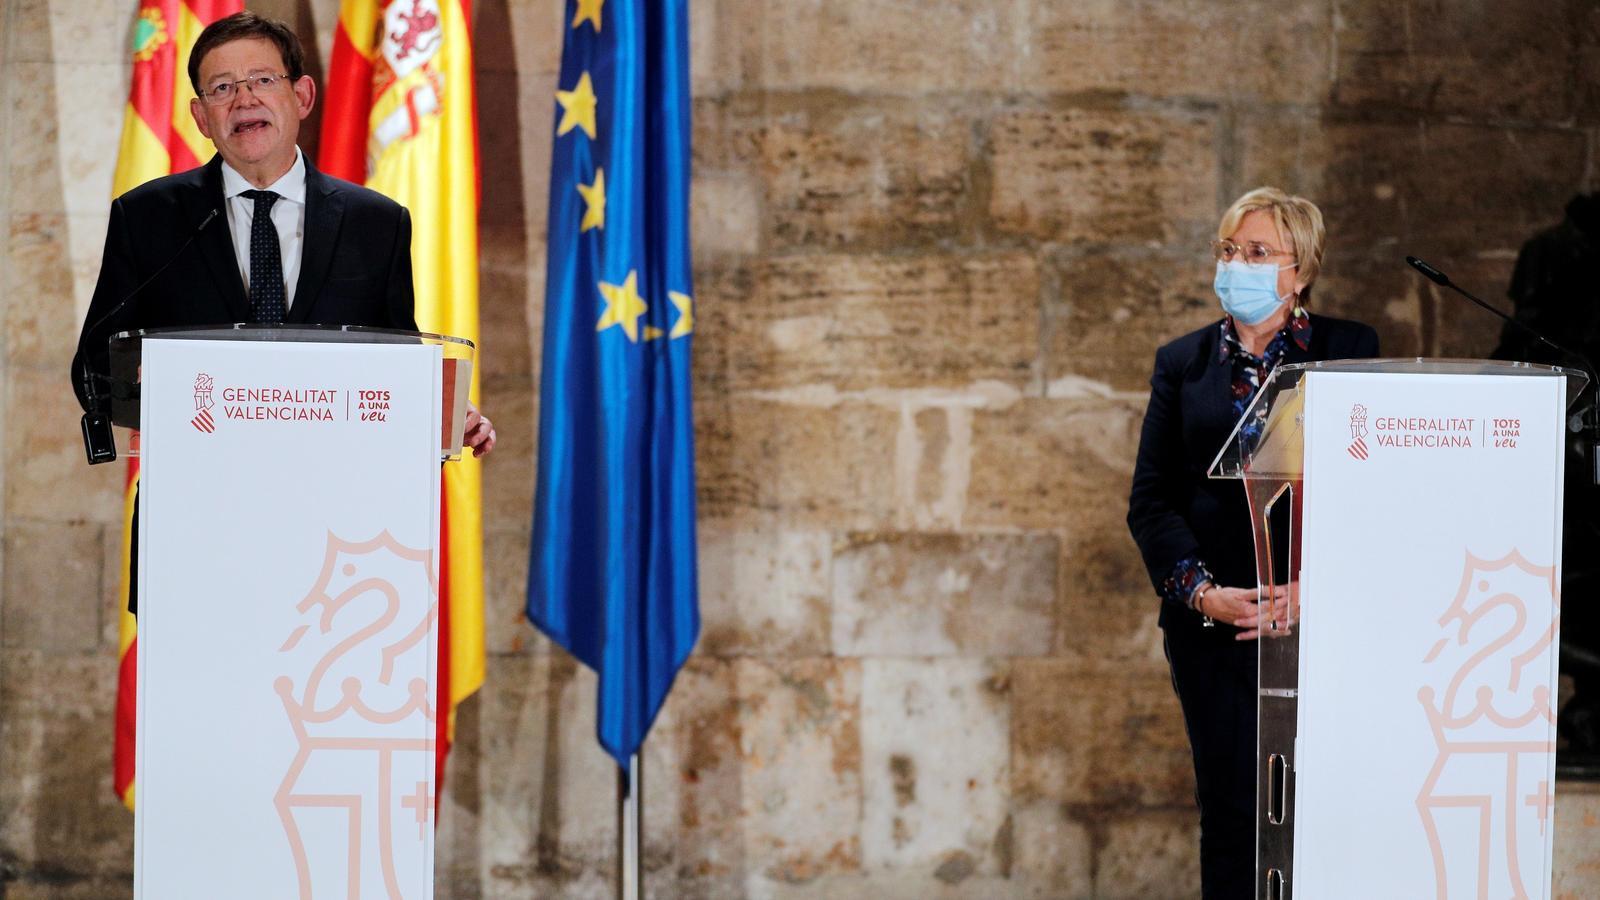 Tancament perimetral durant set dies al País Valencià